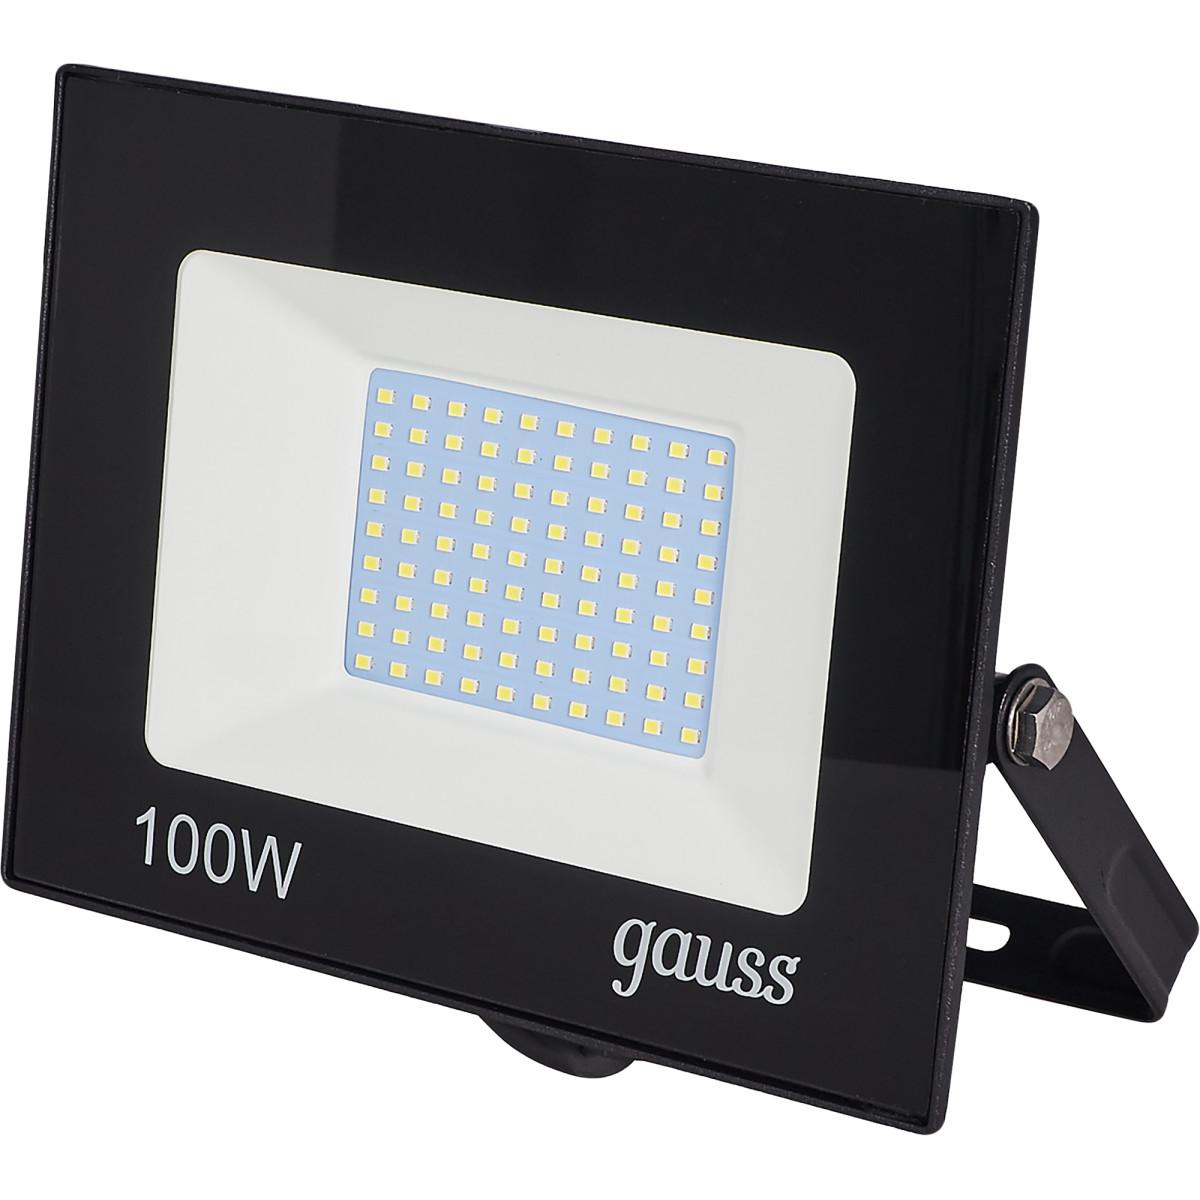 Прожектор светодиодный уличный Gauss Basic 100 Вт 6500К IP65 цвет черный